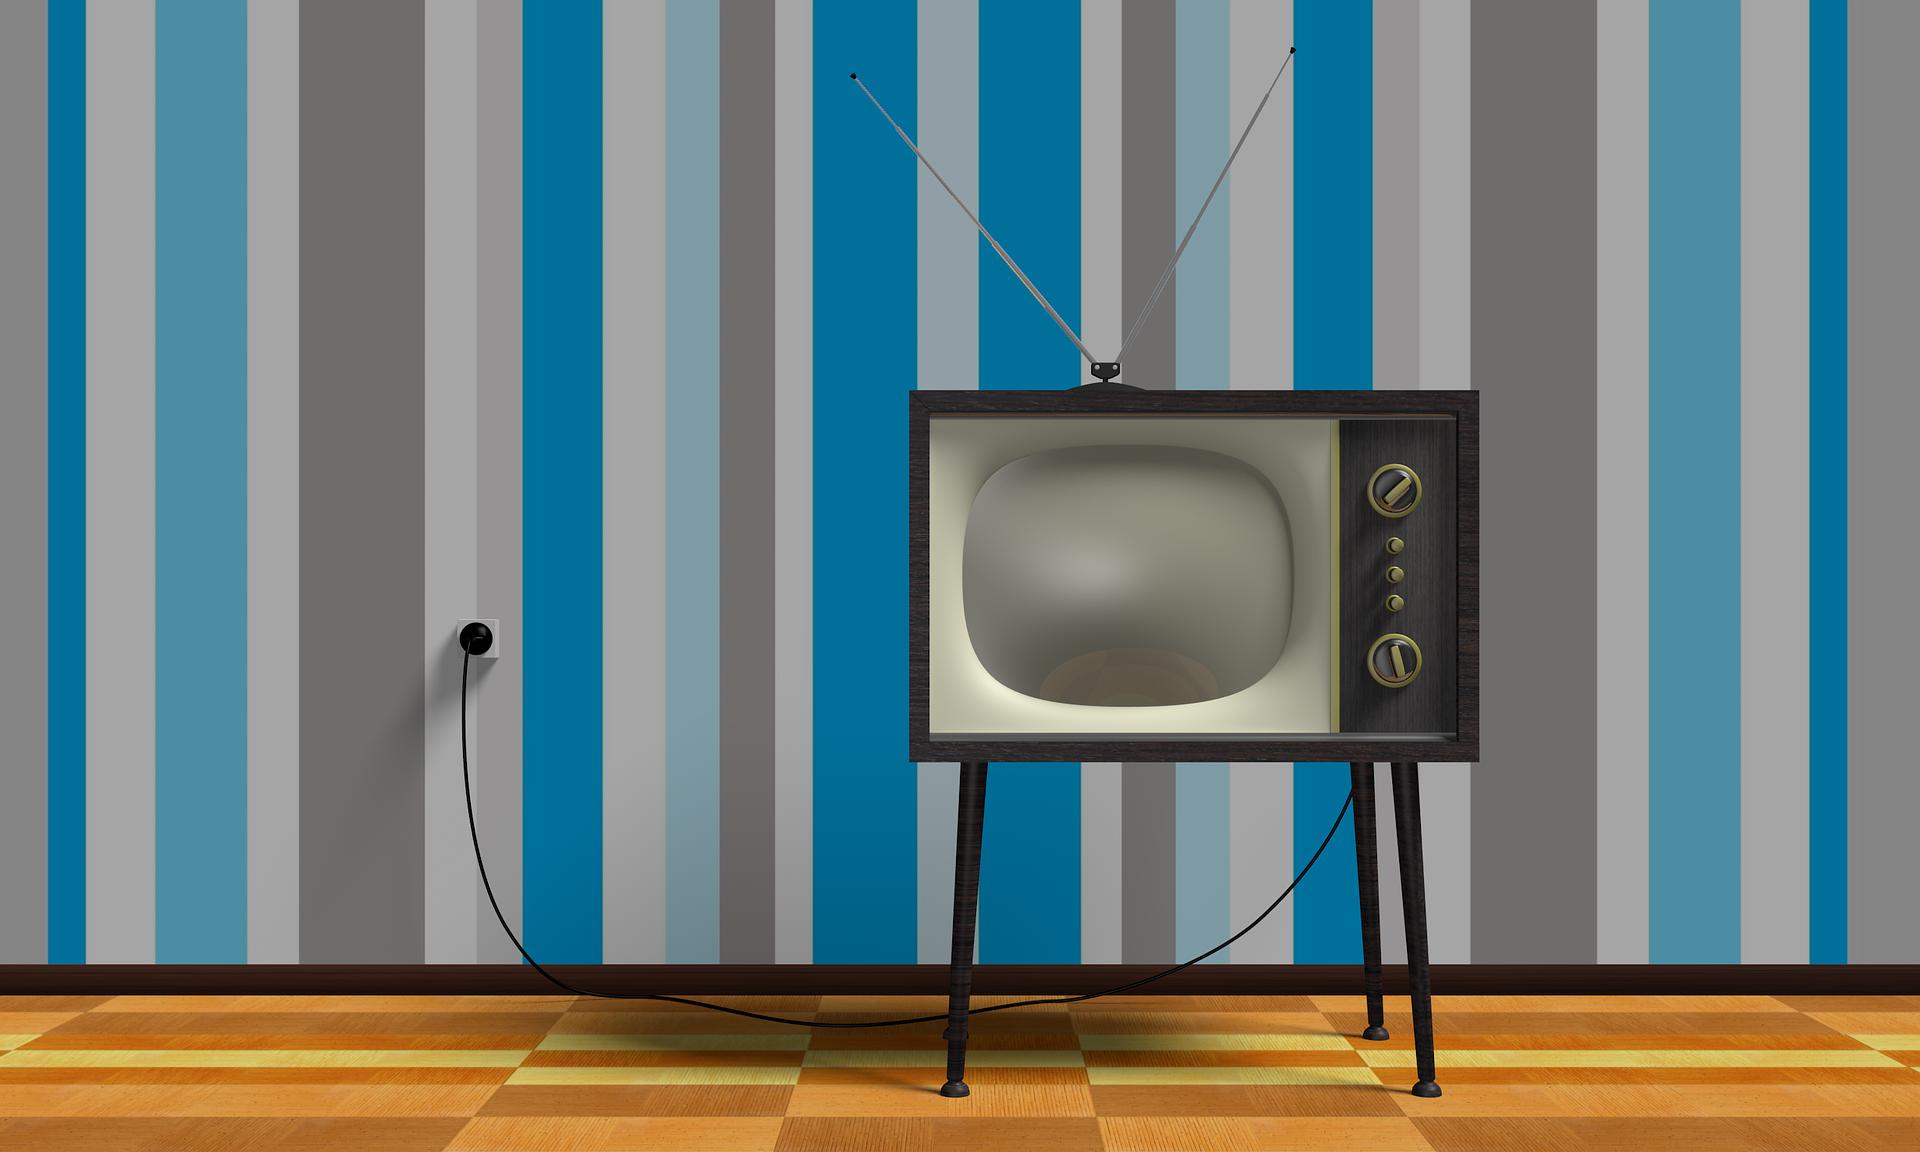 コマーシャル・TV番組の画像